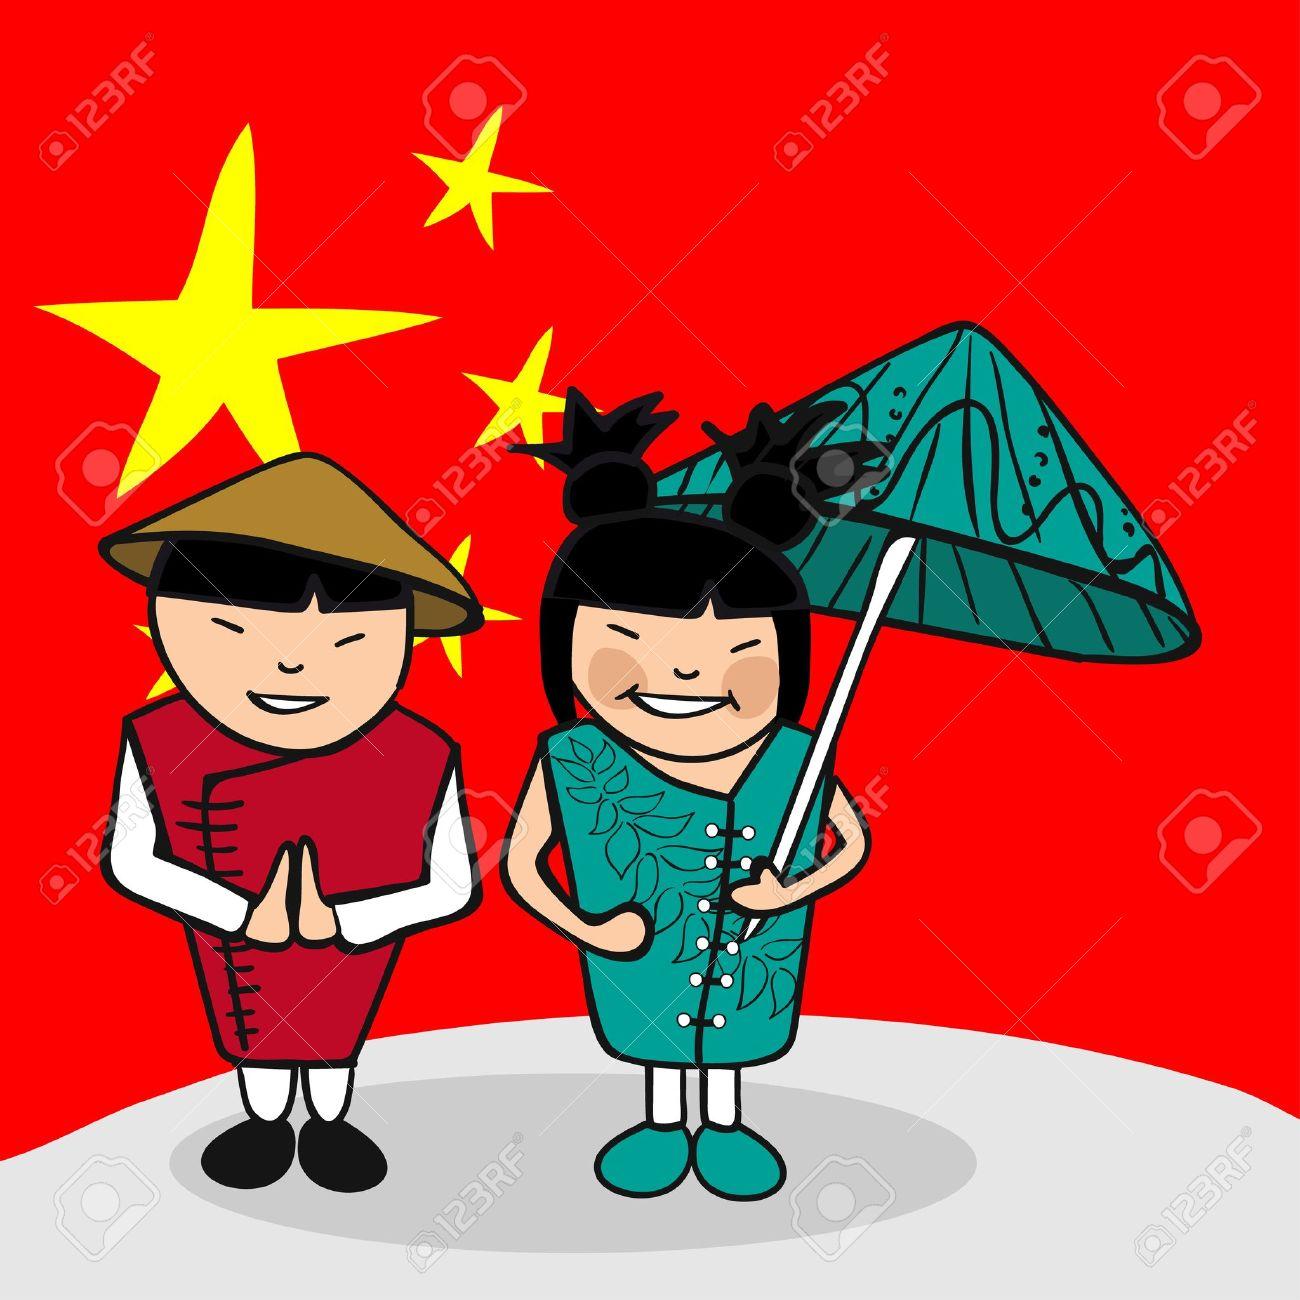 中国の男性と女性漫画のカップル国旗の背景を持つ。ベクトル イラストの簡単な編集の層します。